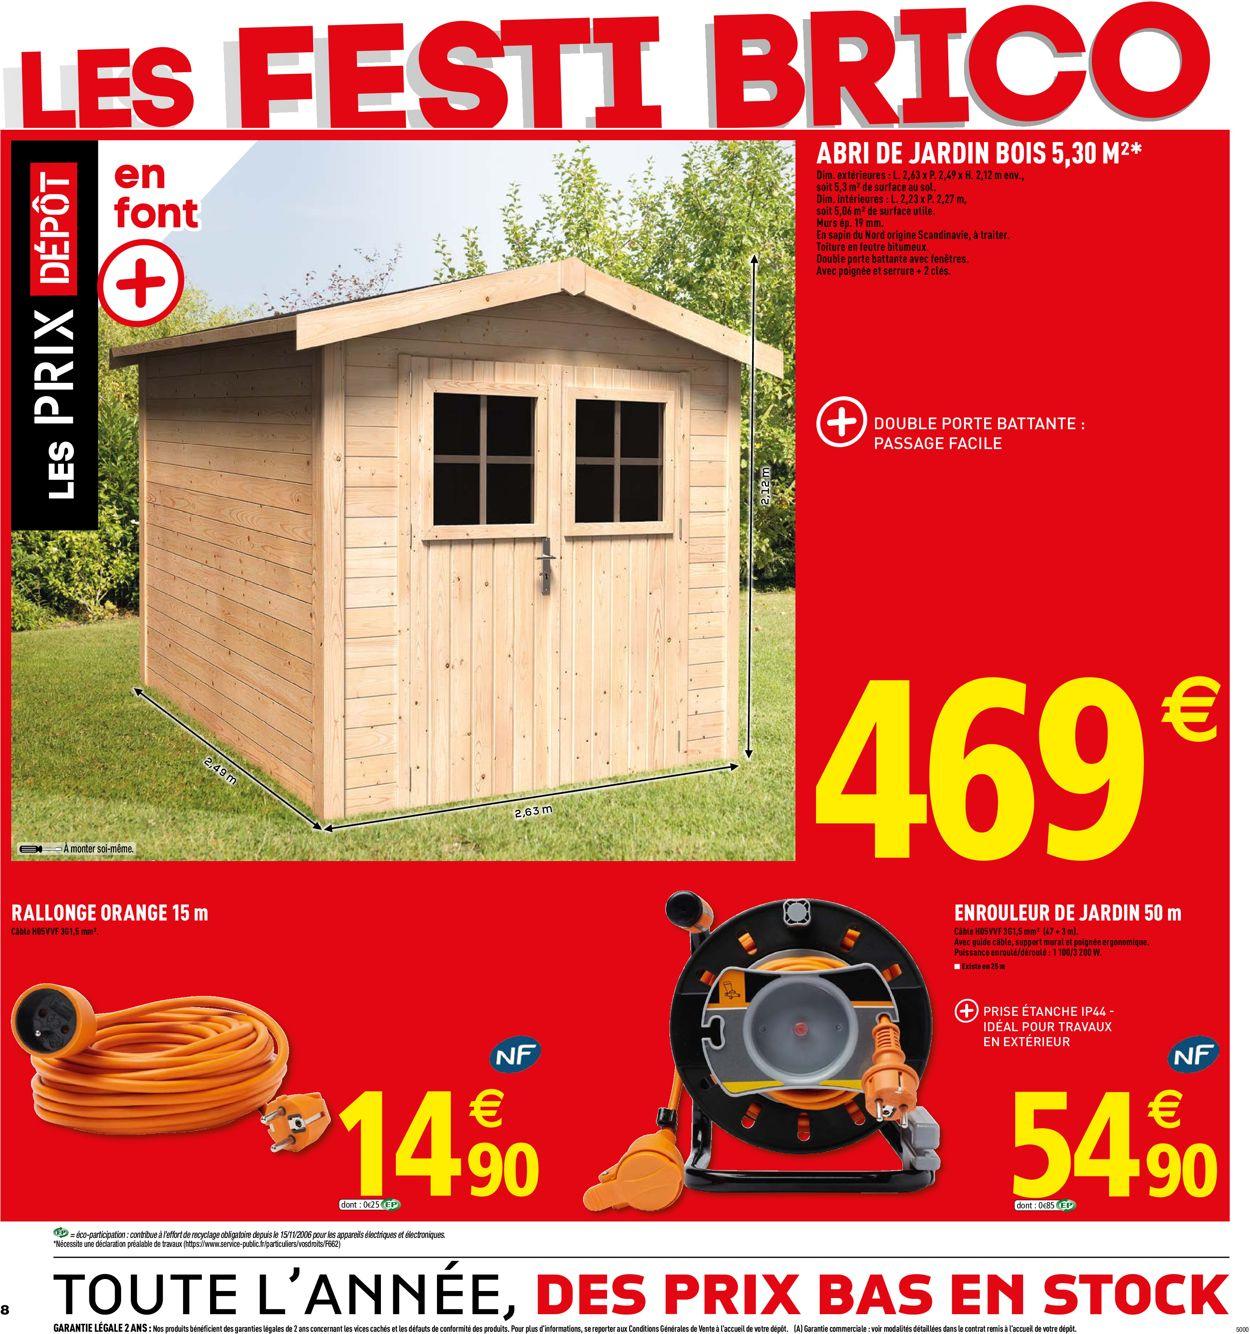 Brico Dépôt Catalogue Actuel 17.05 - 31.05.2019 [8 ... pour Abri Jardin Bois Brico Dépôt